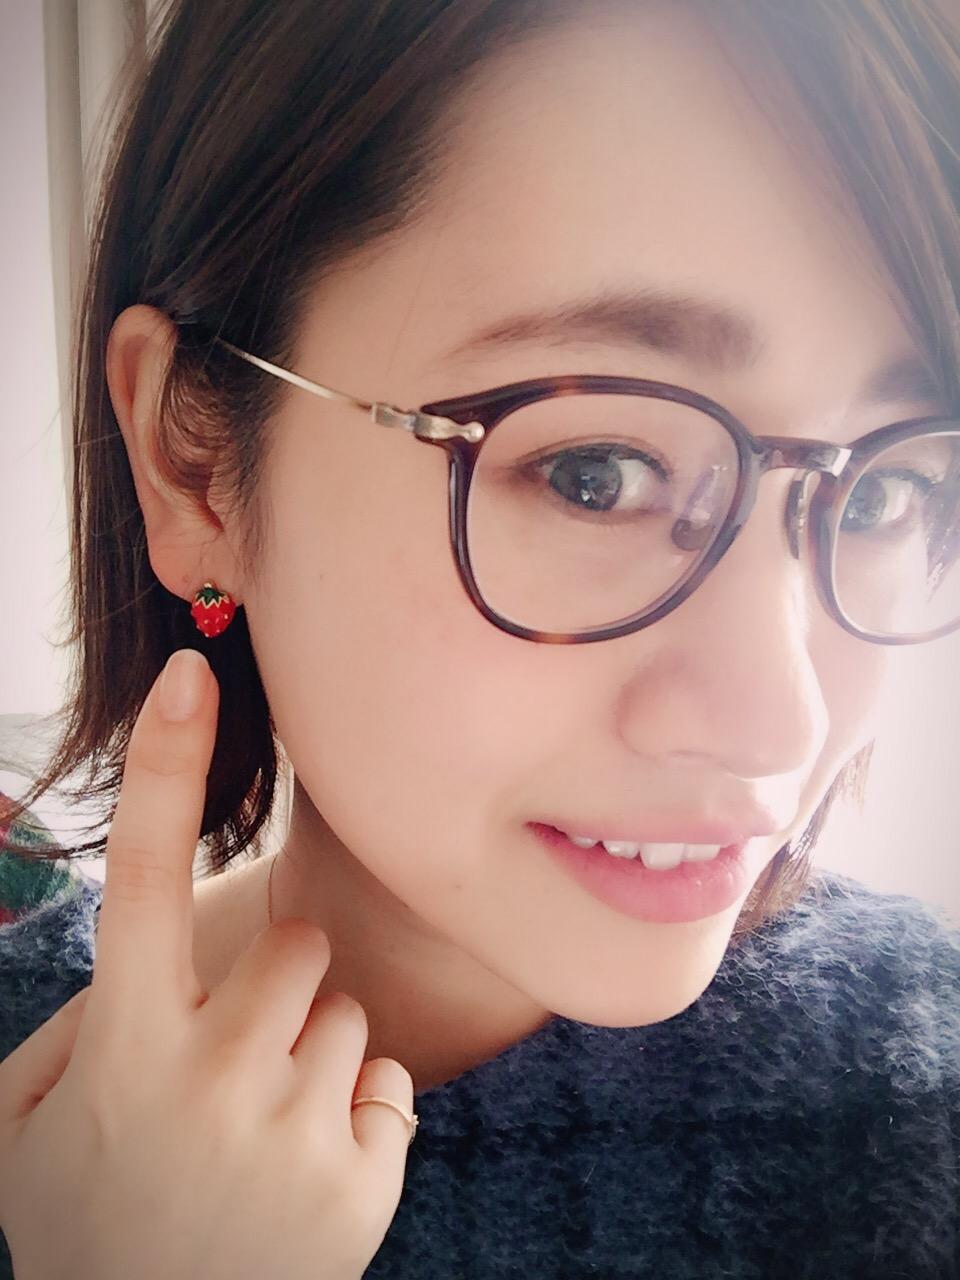 松原朋美の画像 p1_30